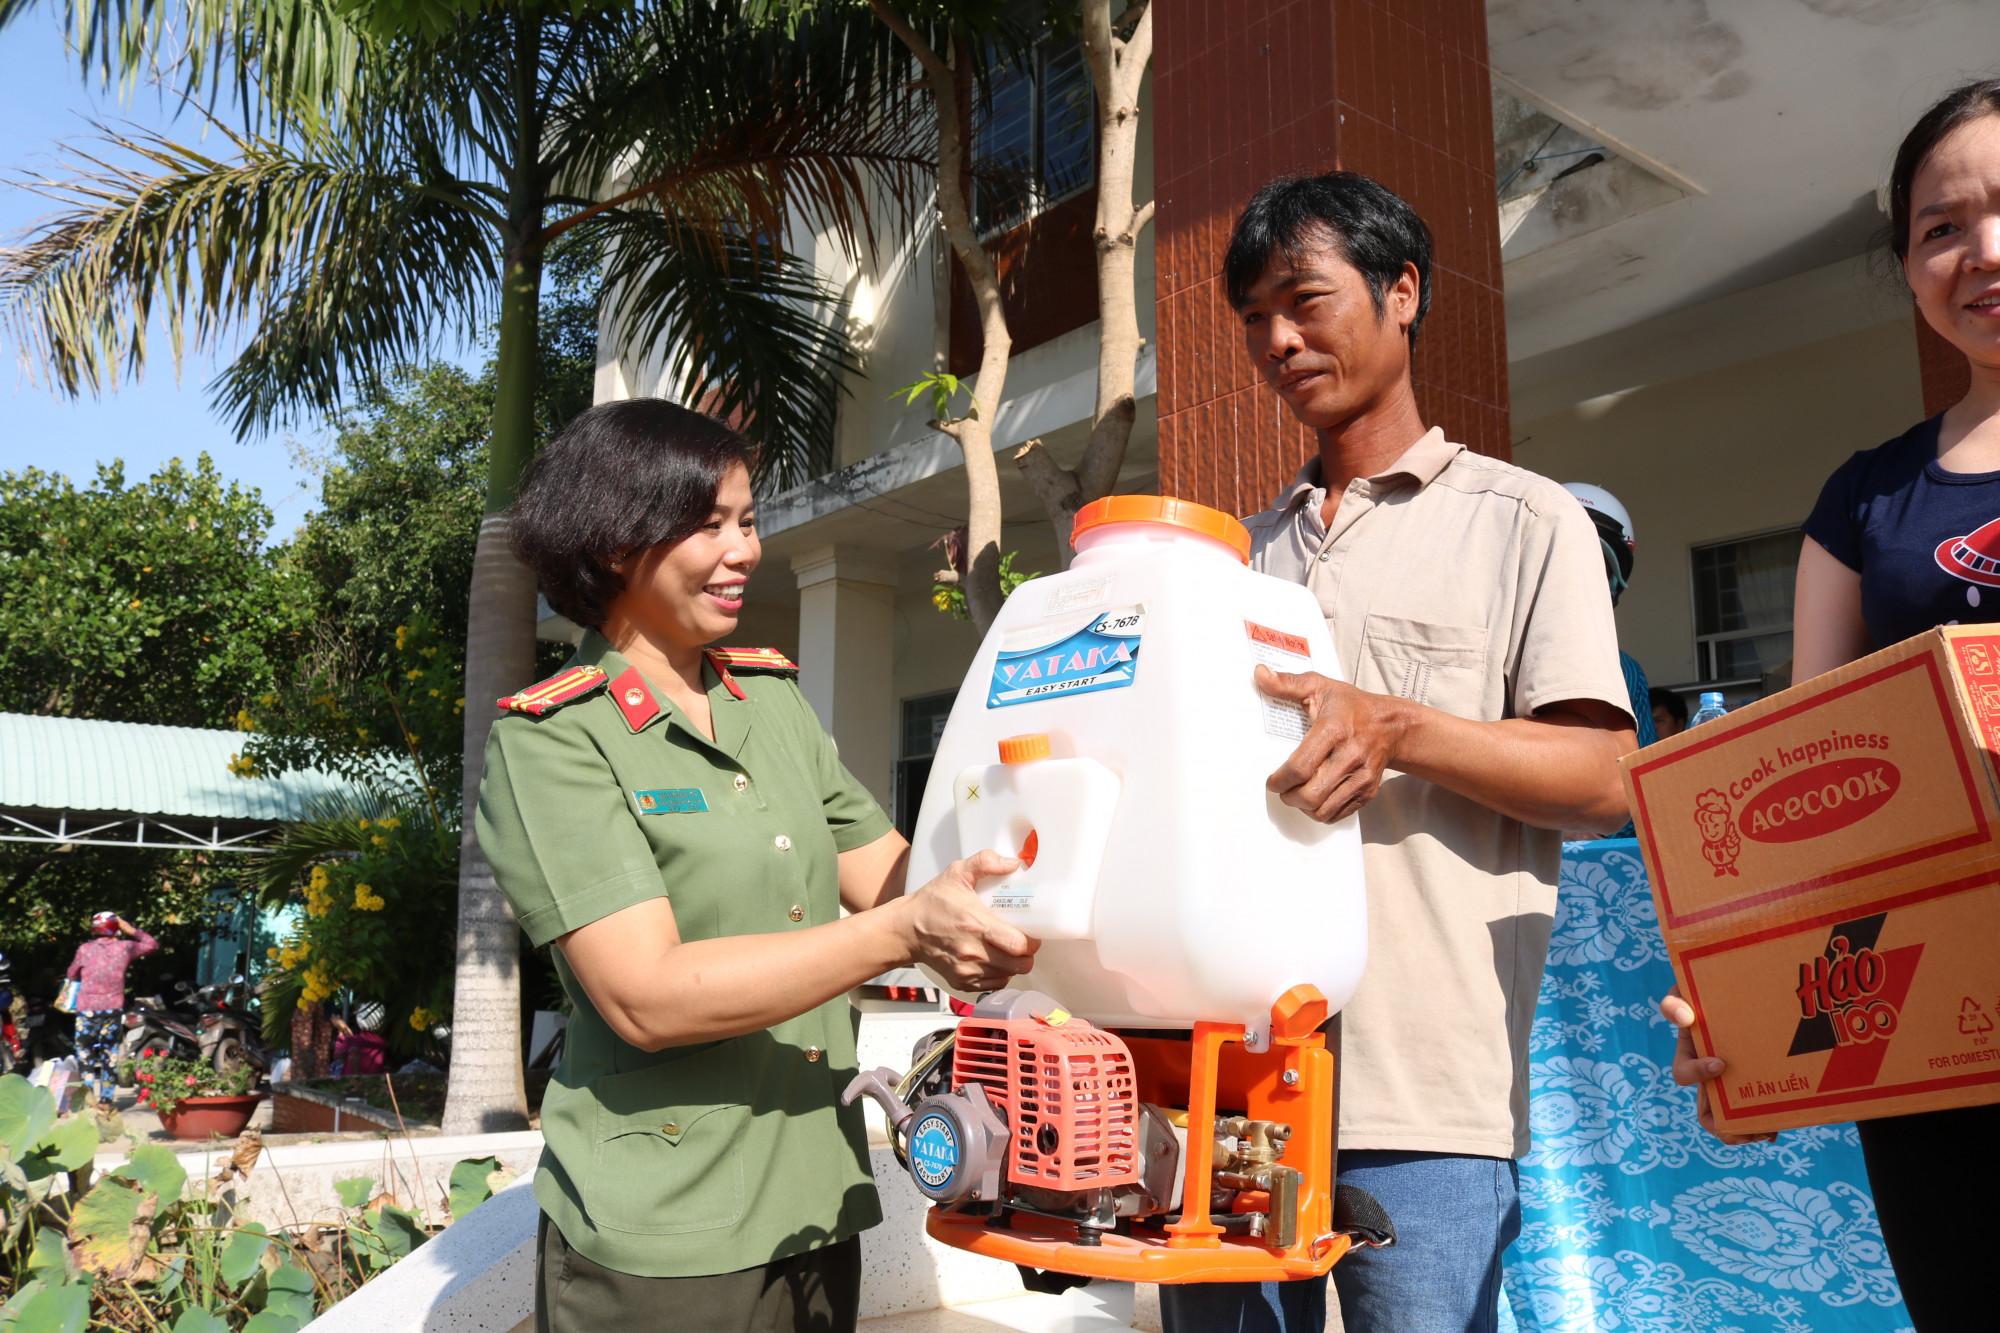 Trung tá Cao Thị Hồng Tươi - Chủ tịch Hội Phụ nữ Công an TP.HCM - trao máy rải phân cho đại diện các hộ gia đình.